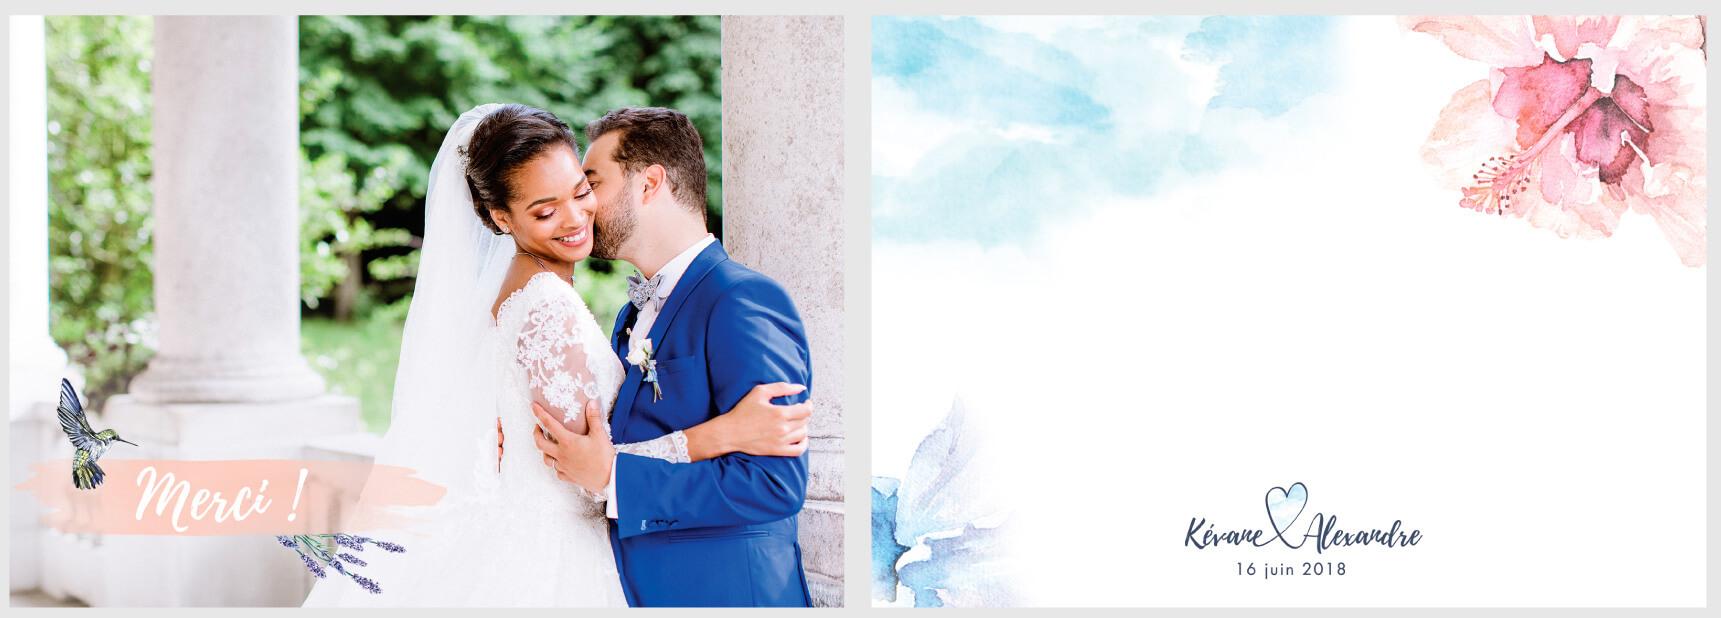 carte remerciements mariage aquarelle, bleu et rose